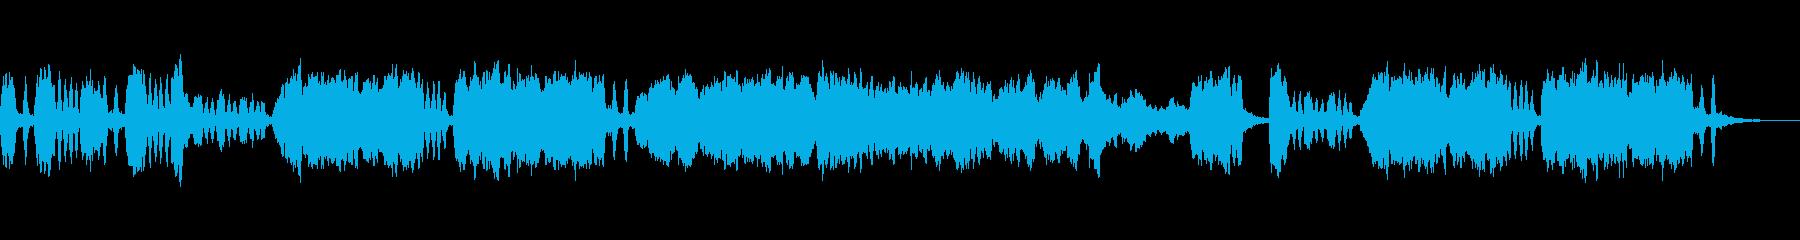 妖しい雰囲気の弦楽四重奏の再生済みの波形